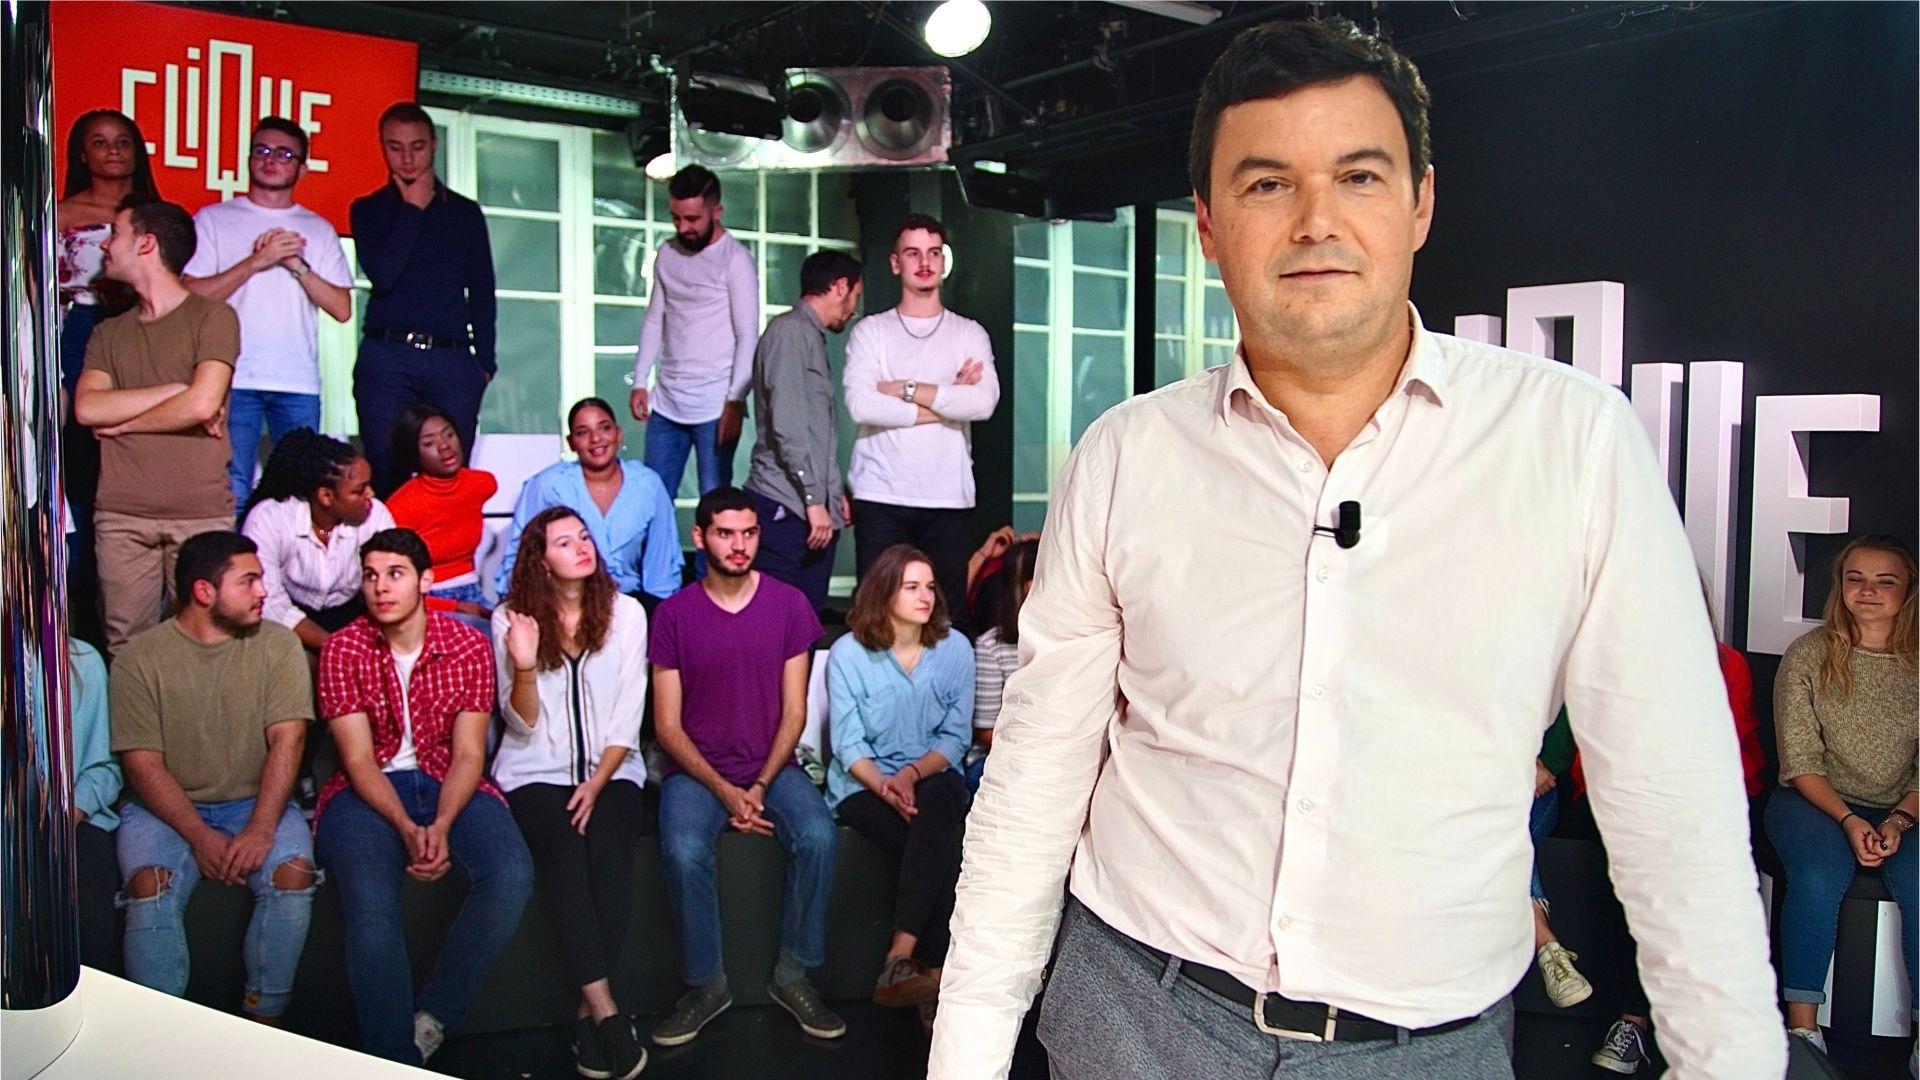 Thomas Piketty est l'homme de la semaine dans Clique